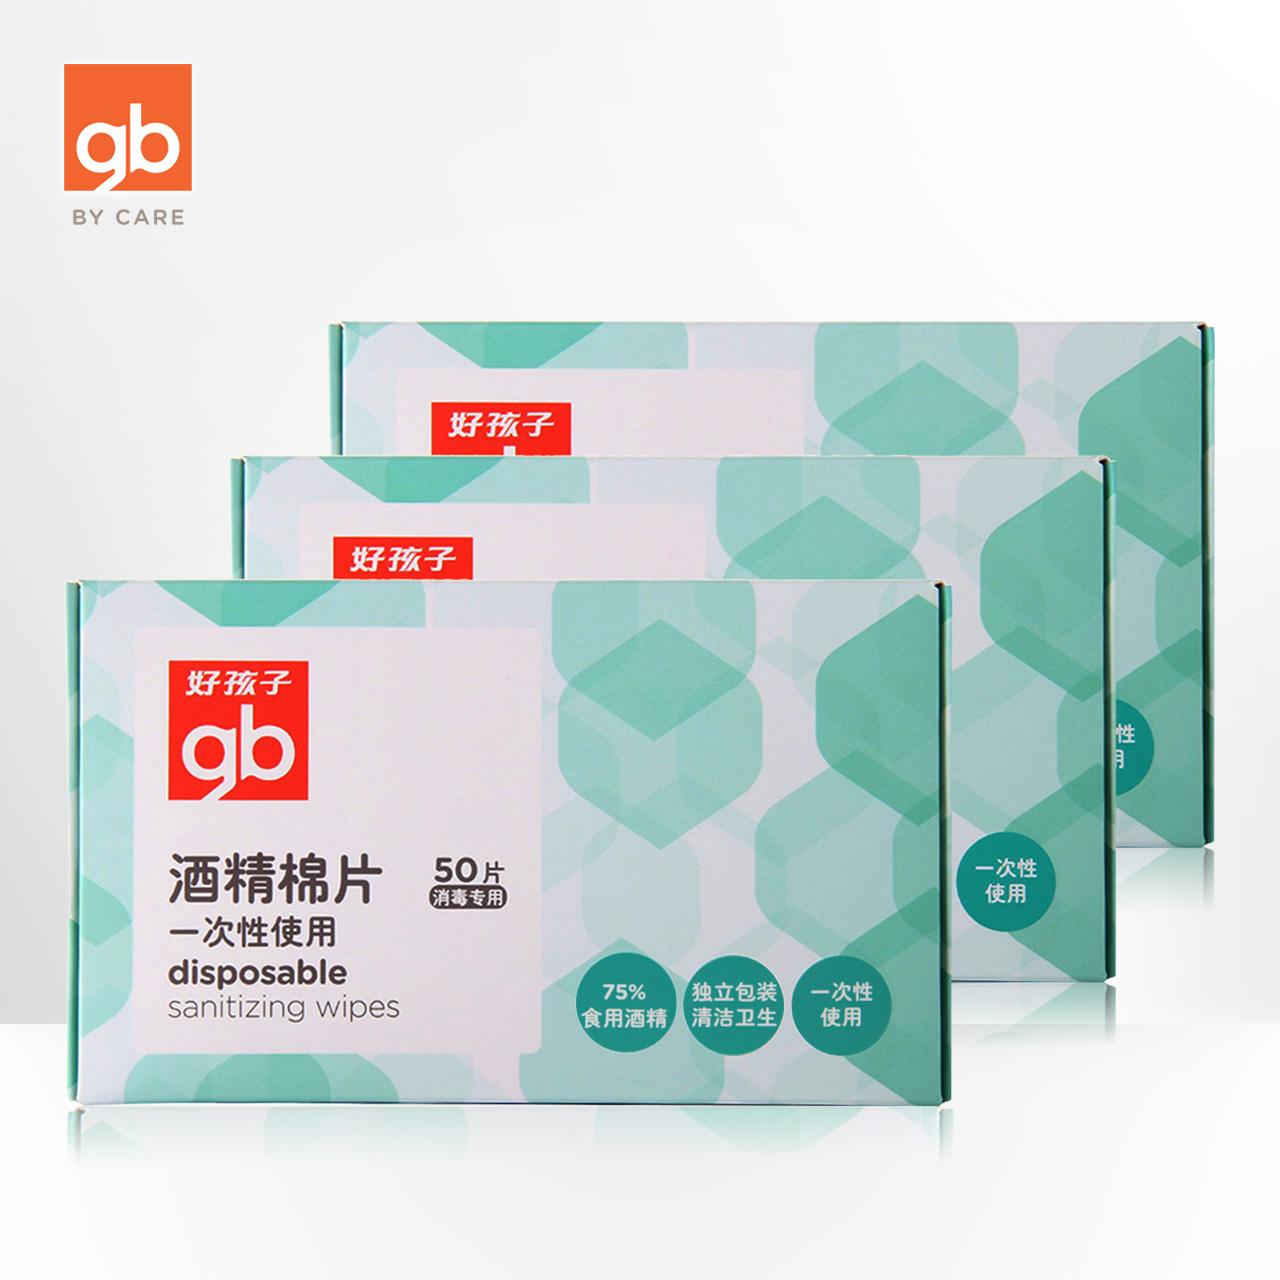 gb好孩子新生儿酒精棉片组合消毒清洁婴儿专用一次性50片*3盒